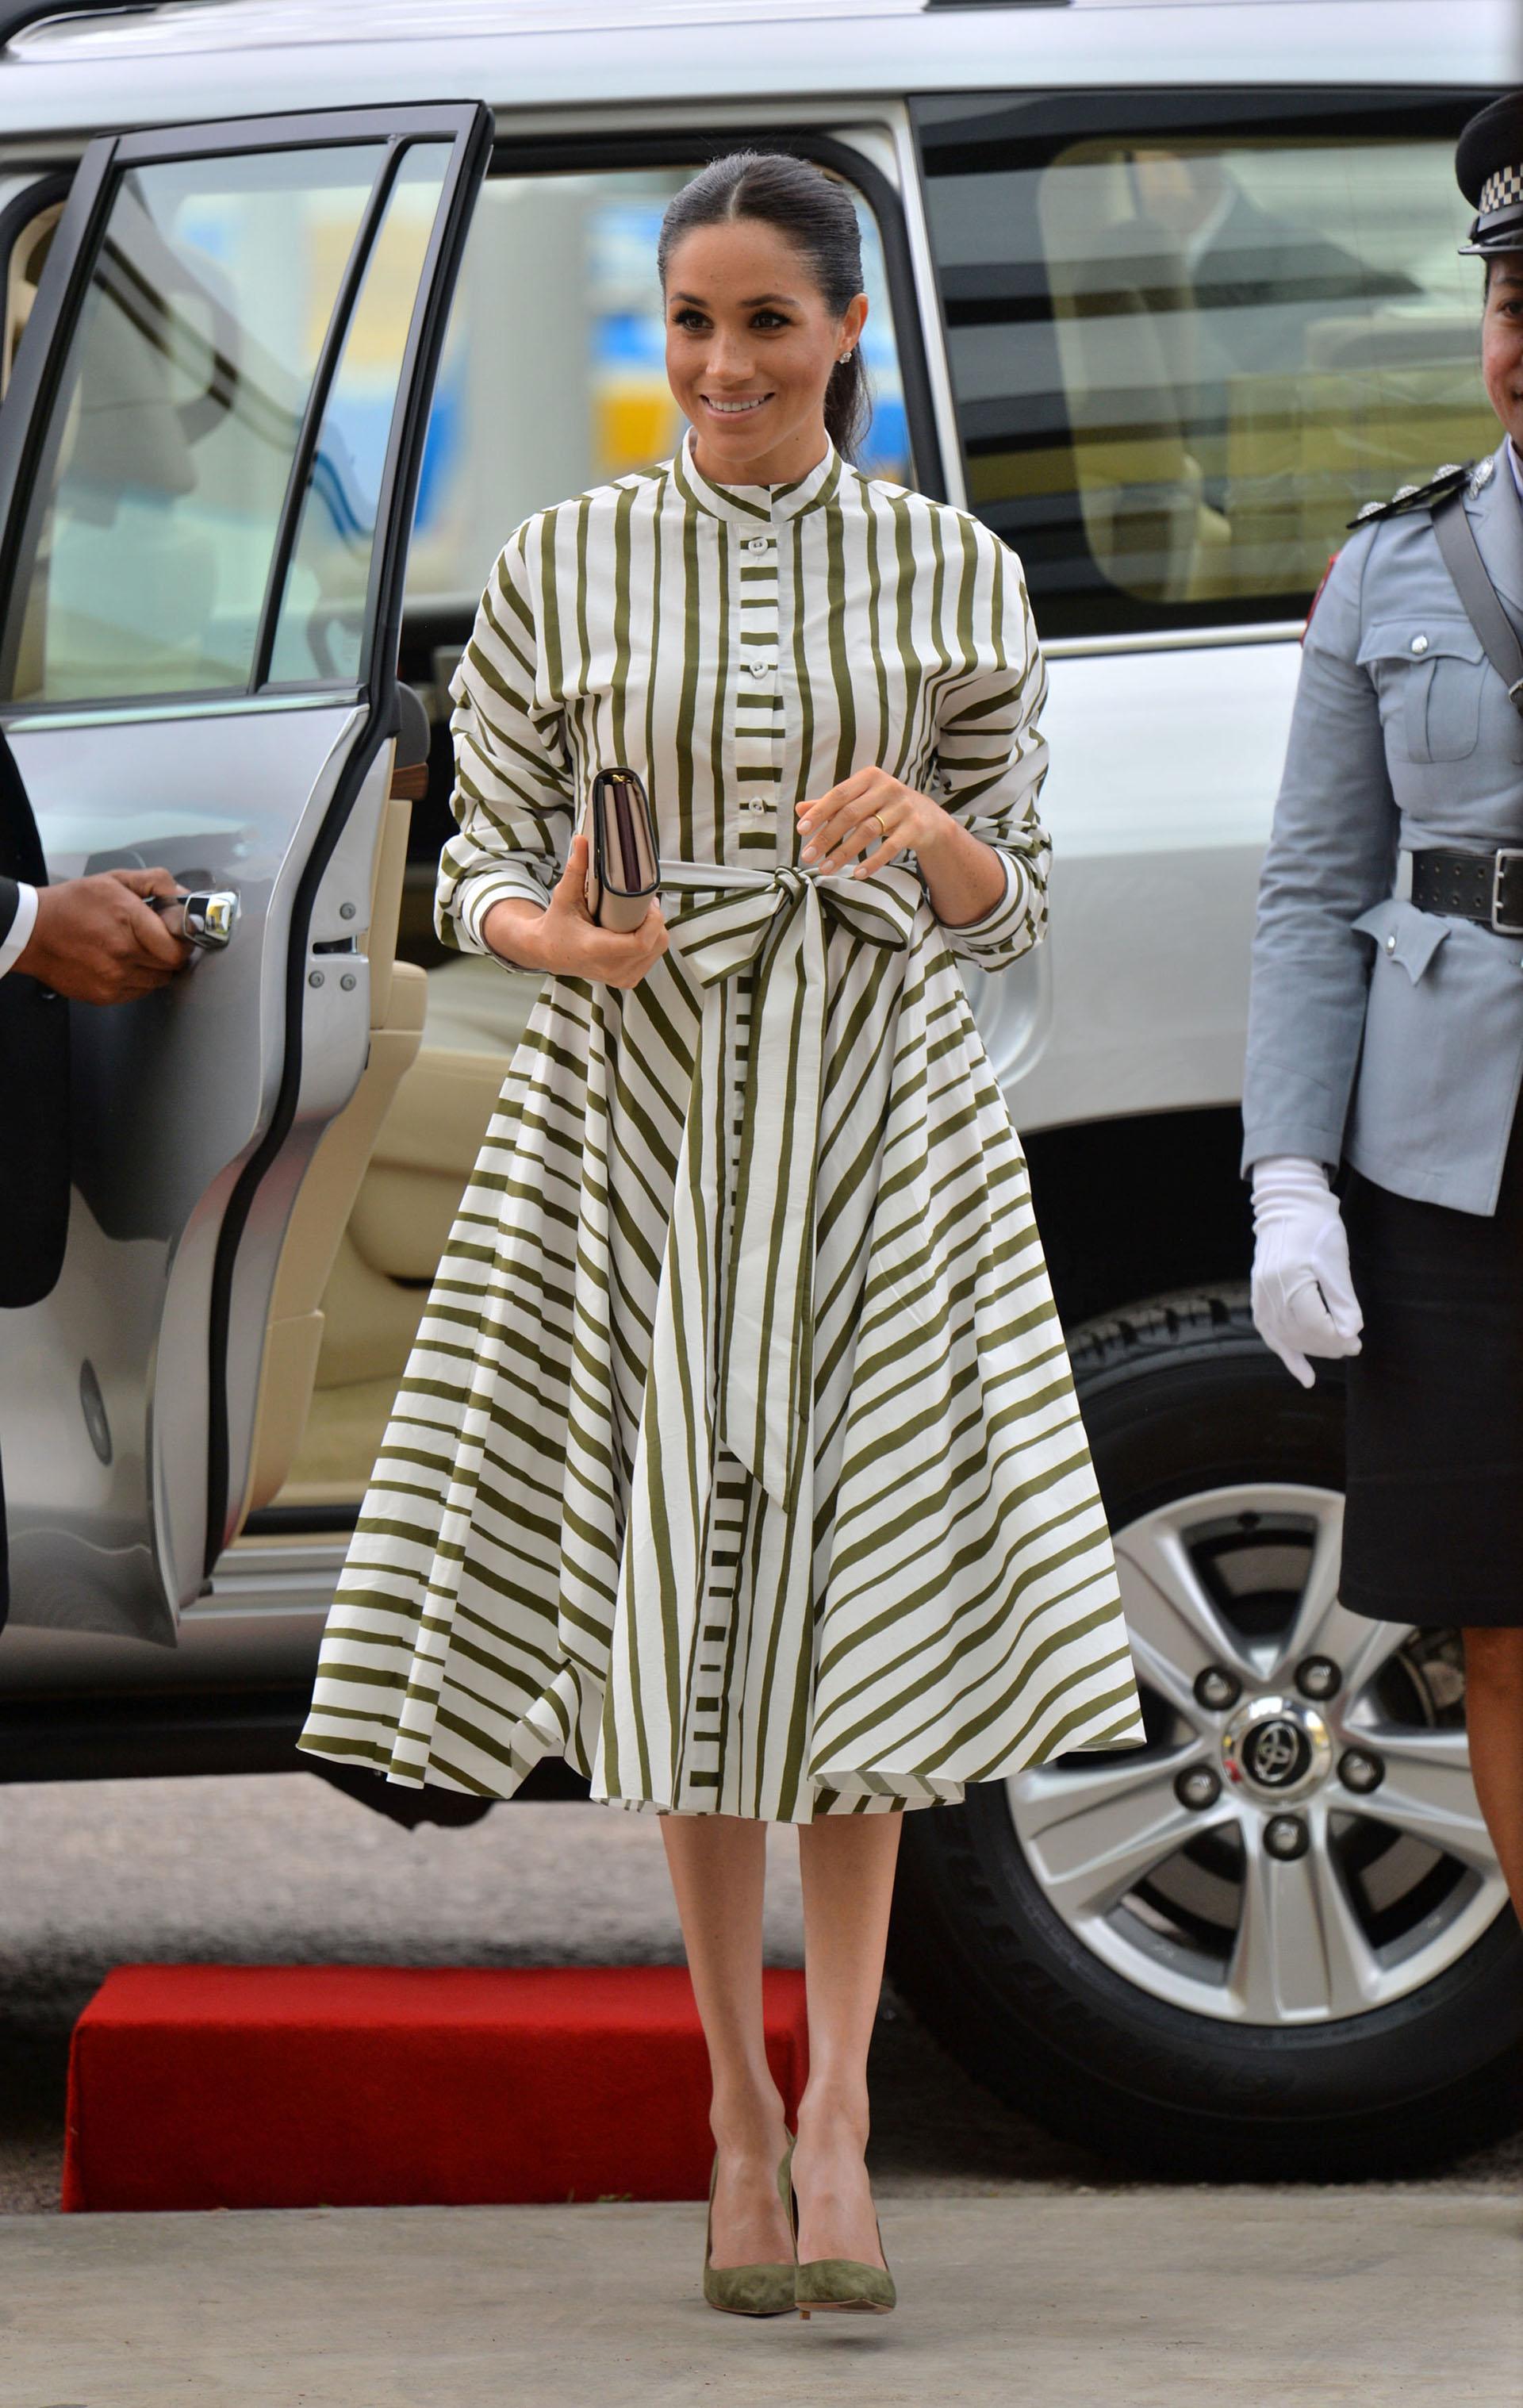 La duquesa inició una ajetreada mañana en Tonga con un vestido a rayas verde y blanco de Martin Grant y un sobre Prada (REUTERS)